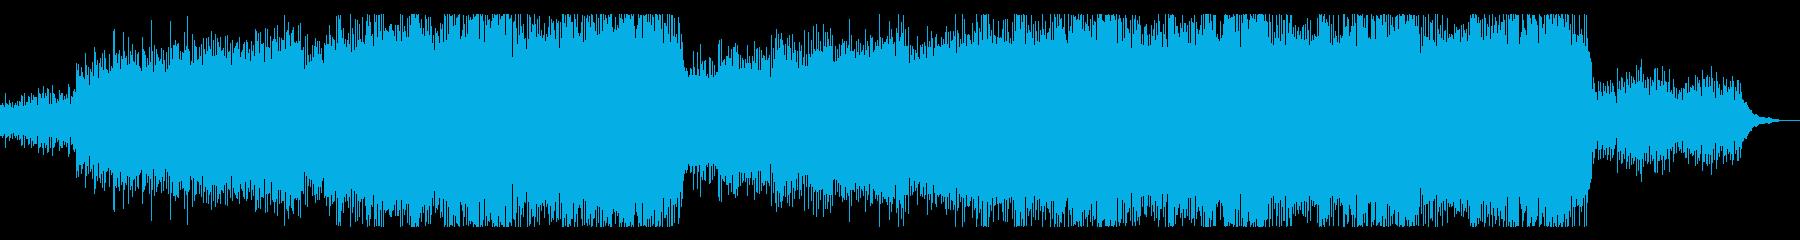 【ドラム抜き】透明感のあるポップコーポレの再生済みの波形